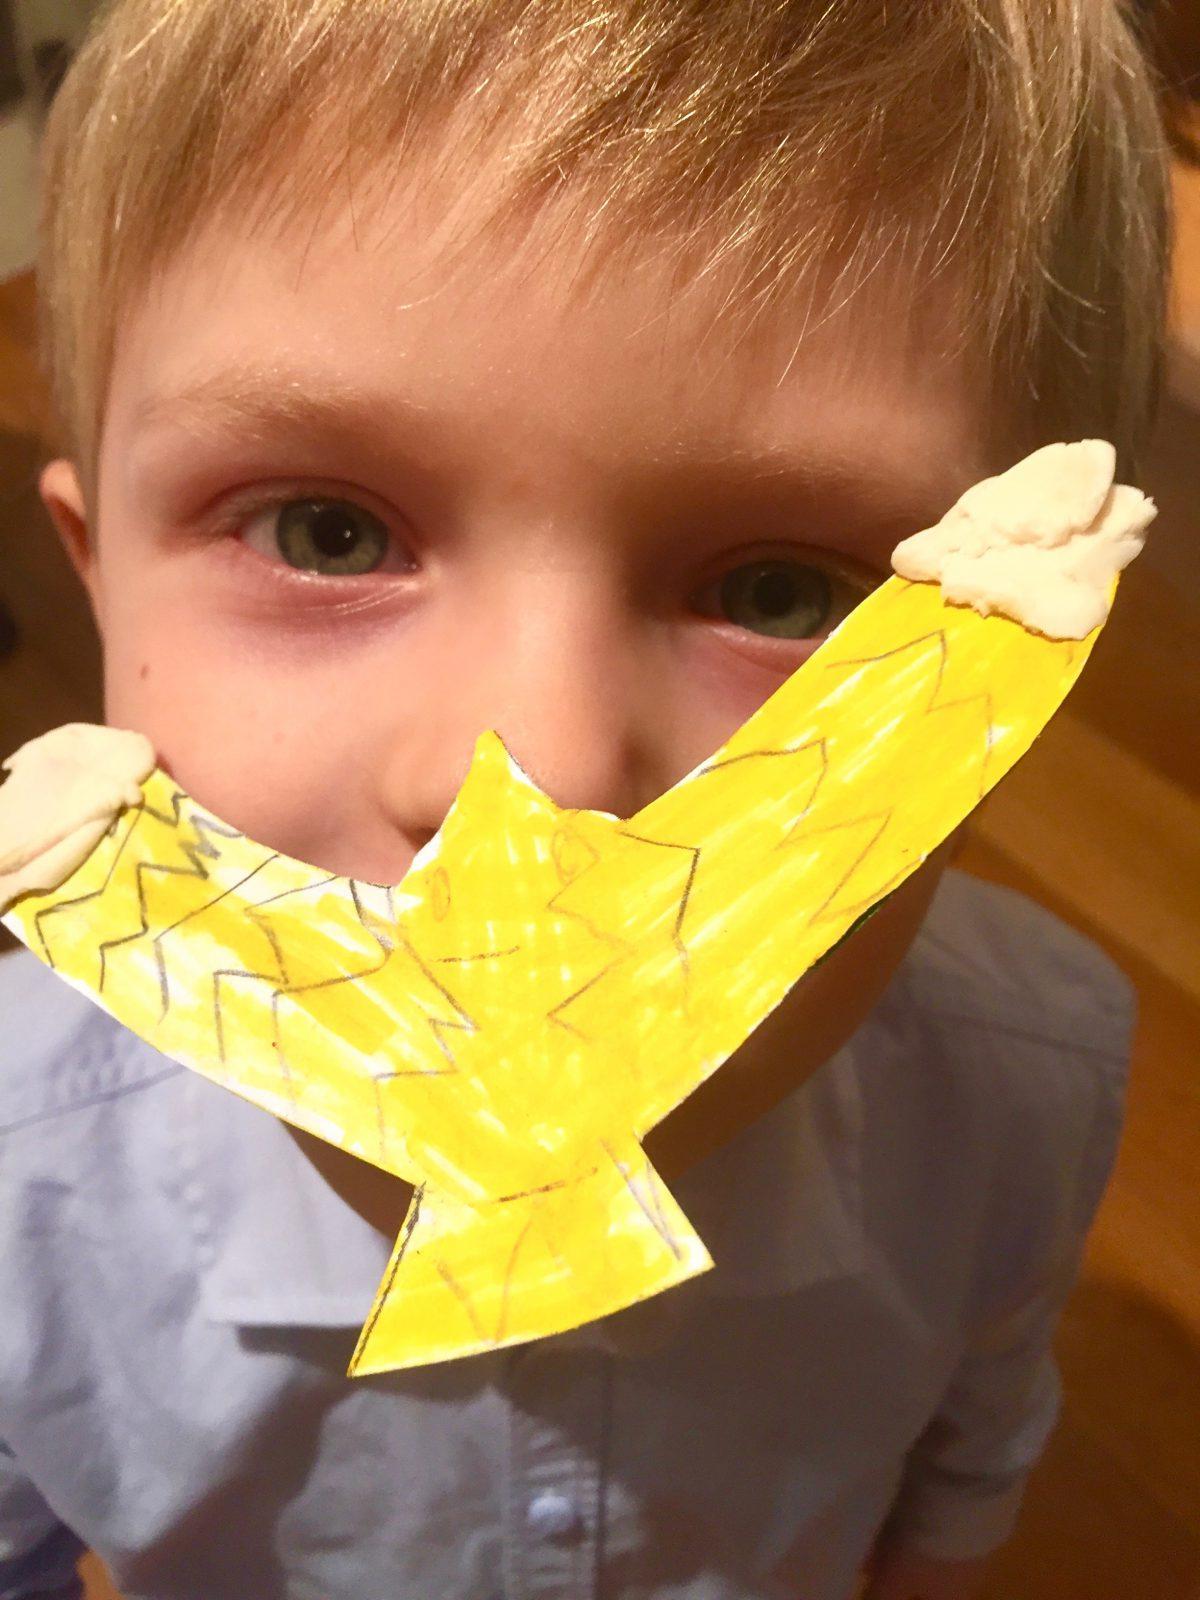 Ein gebastelter Zaubervogel, gelb bemalt, schwebt auf der Nase eines Kindes.